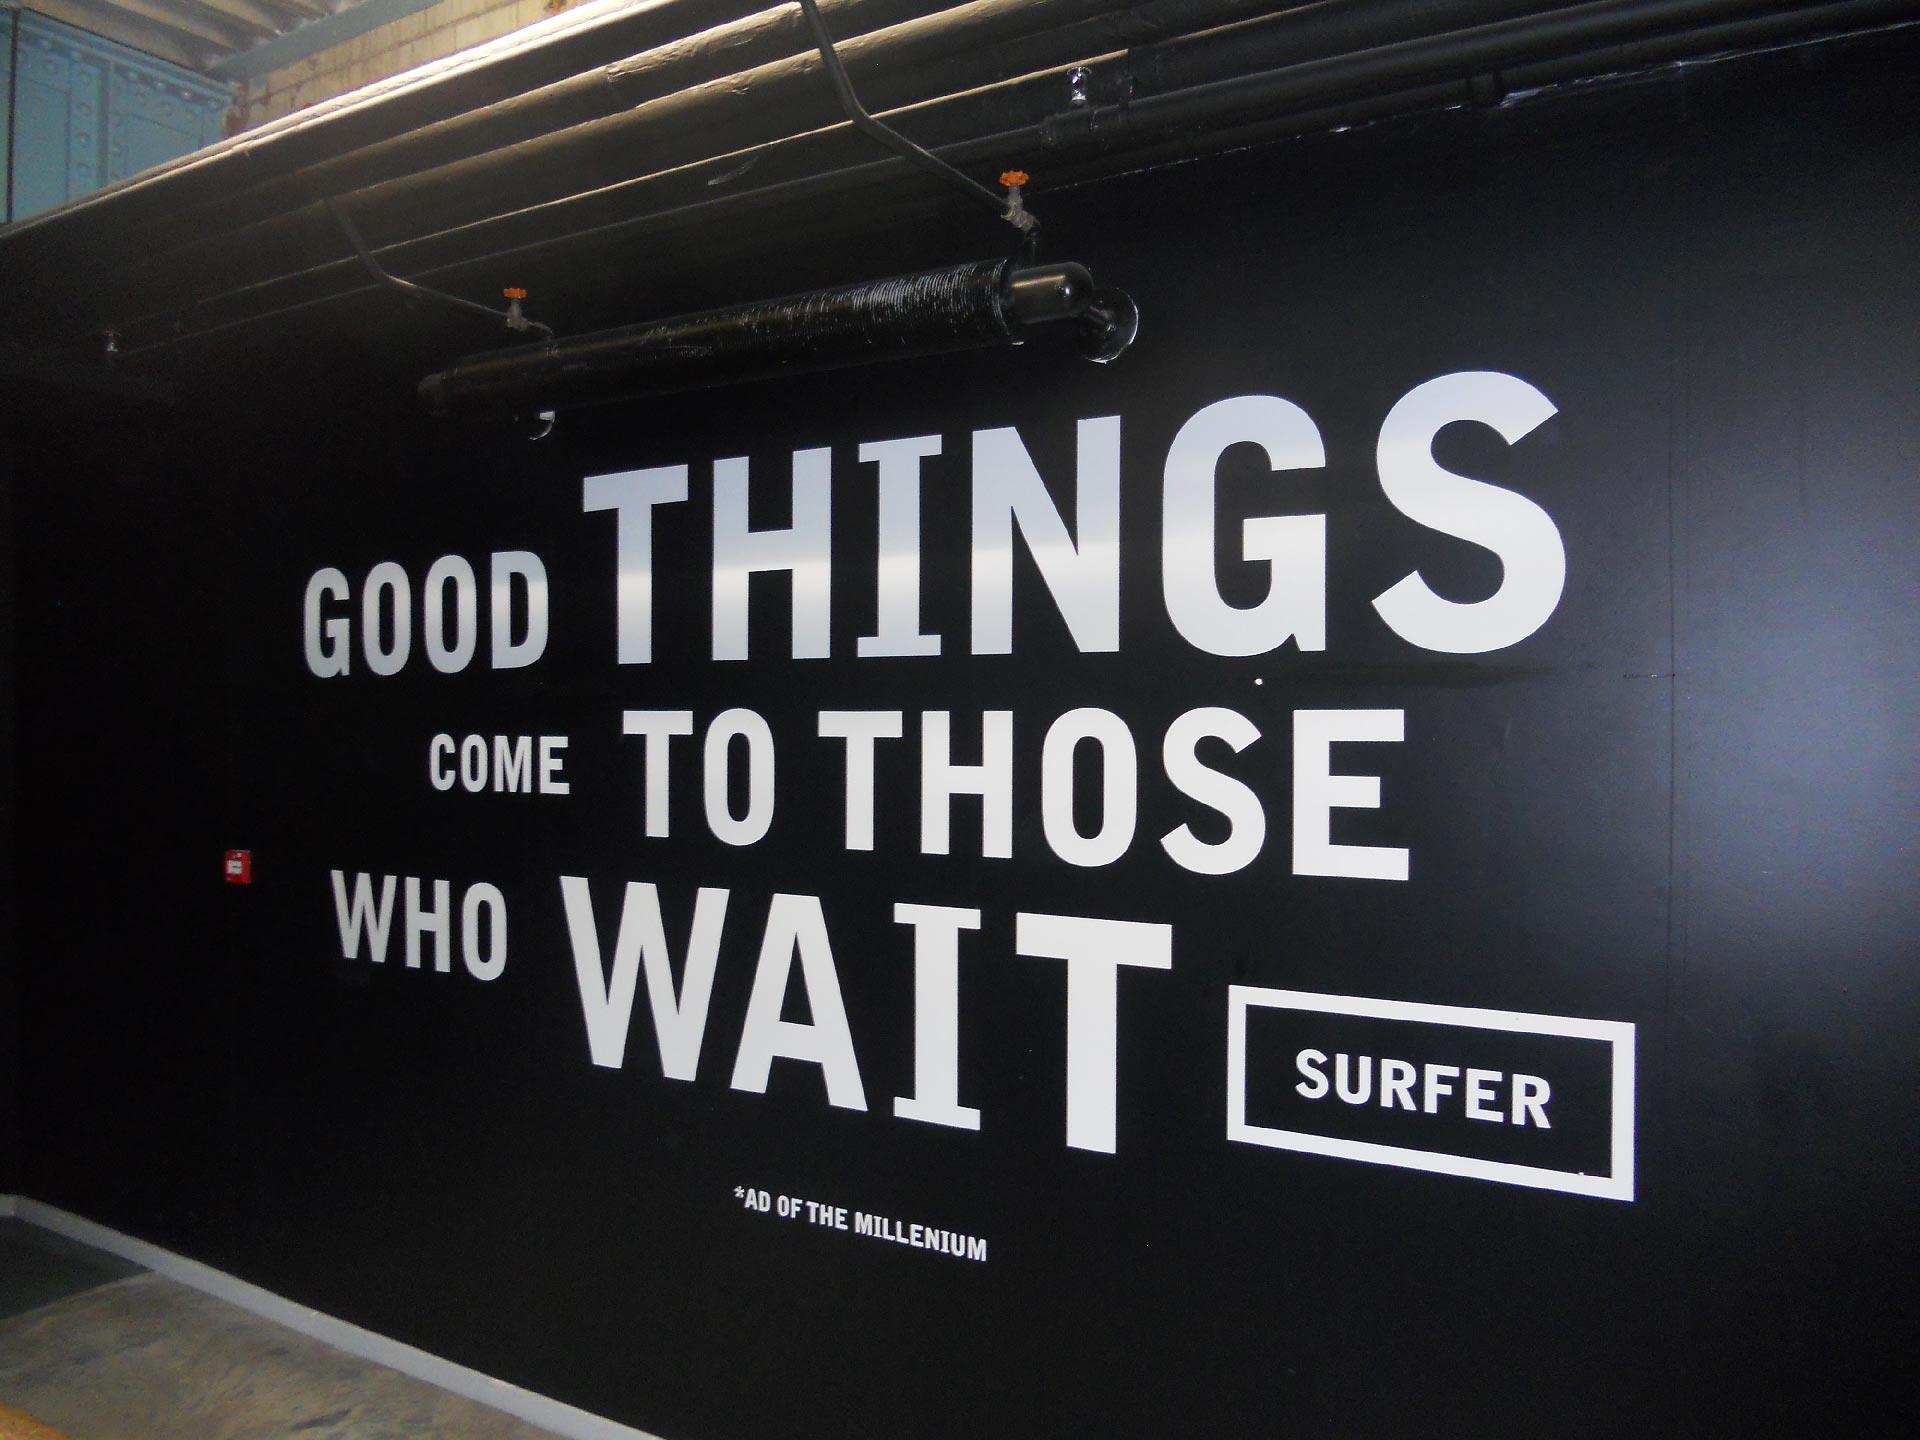 Uno degli slogan pubblicitari all'interno del Guinness Storehouse